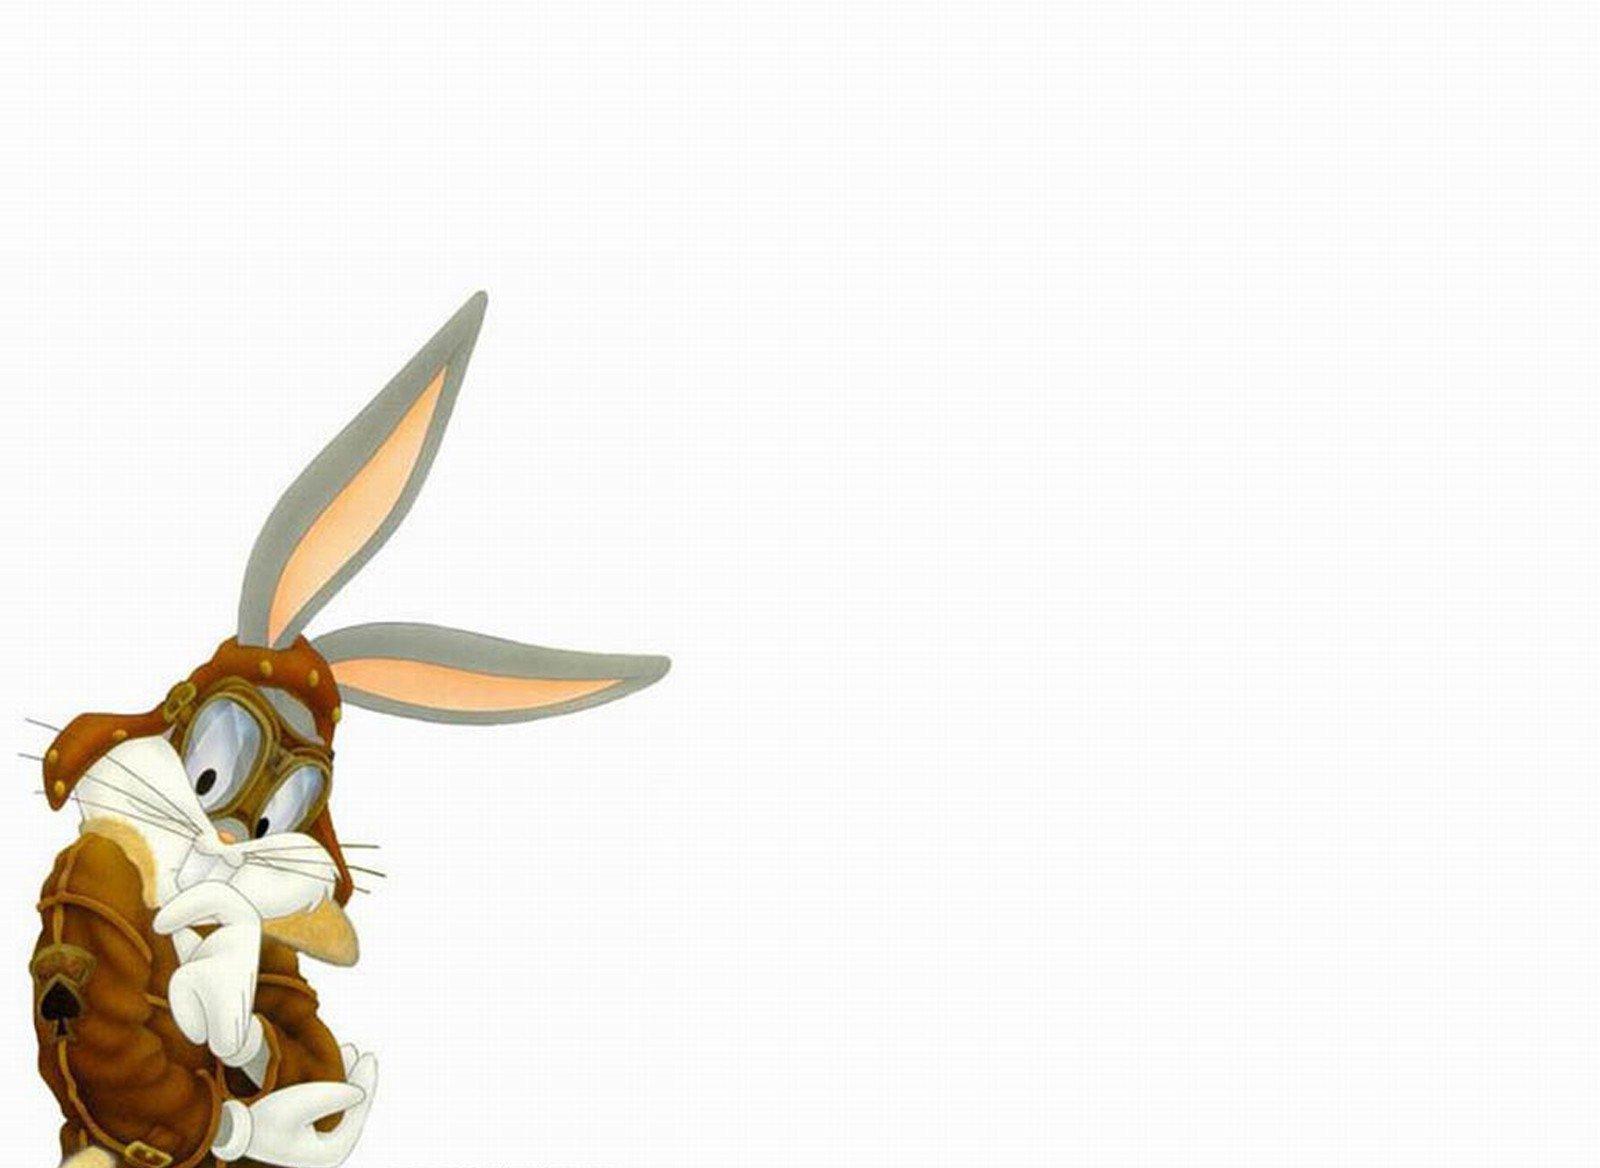 Бакс Бани, кролик, мультик, hd обои